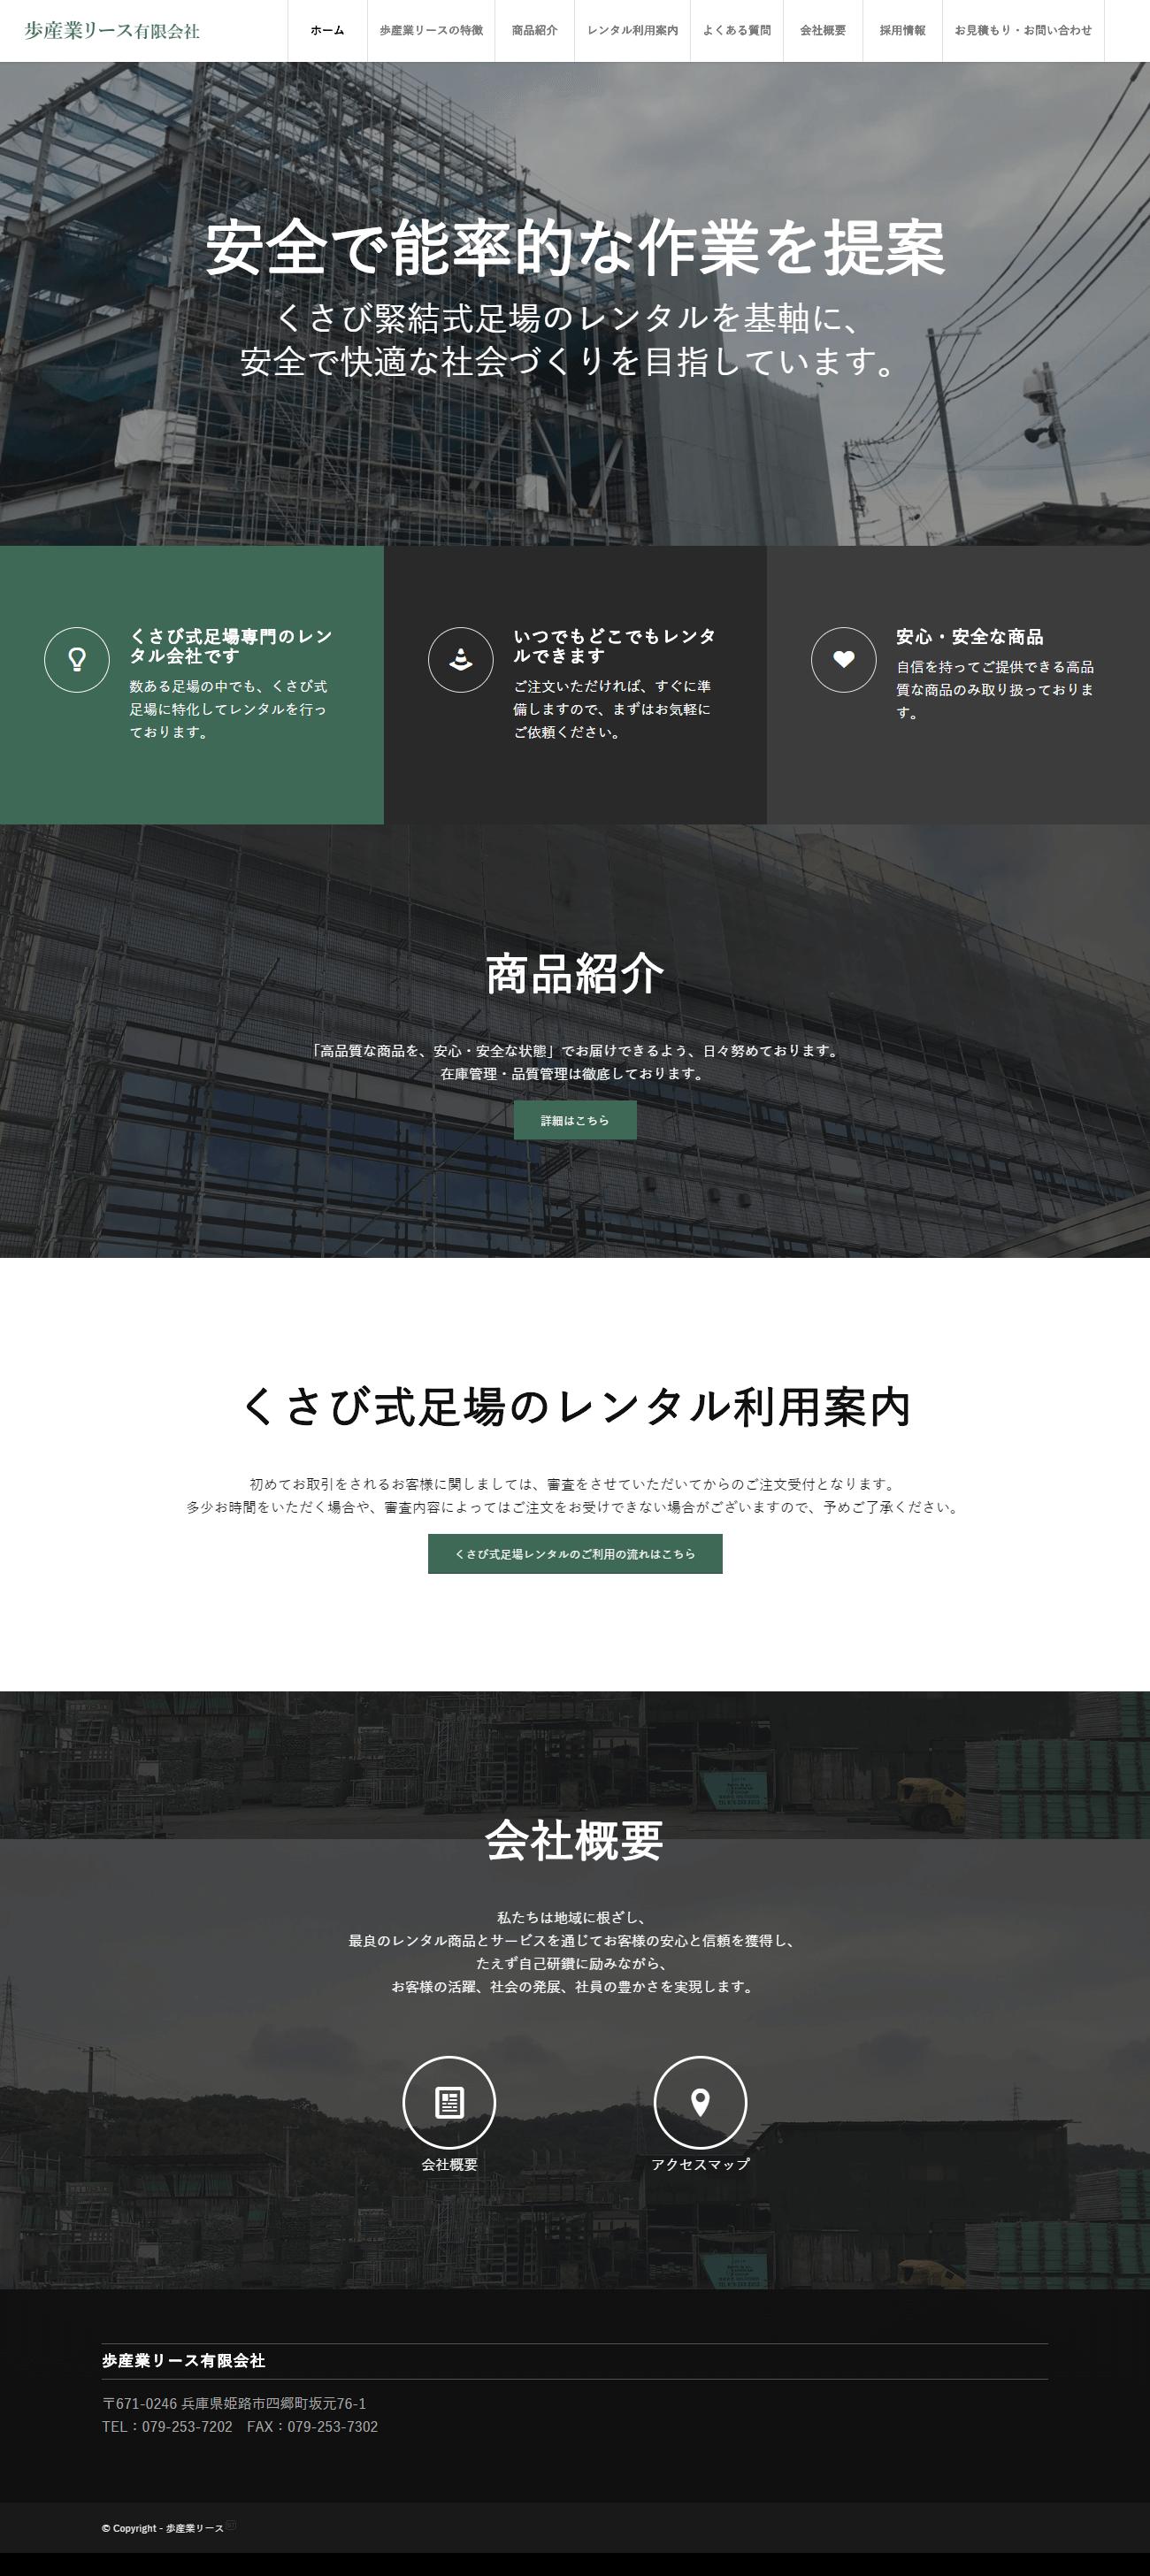 姫路市 歩産業リース有限会社様 ホームページ制作1